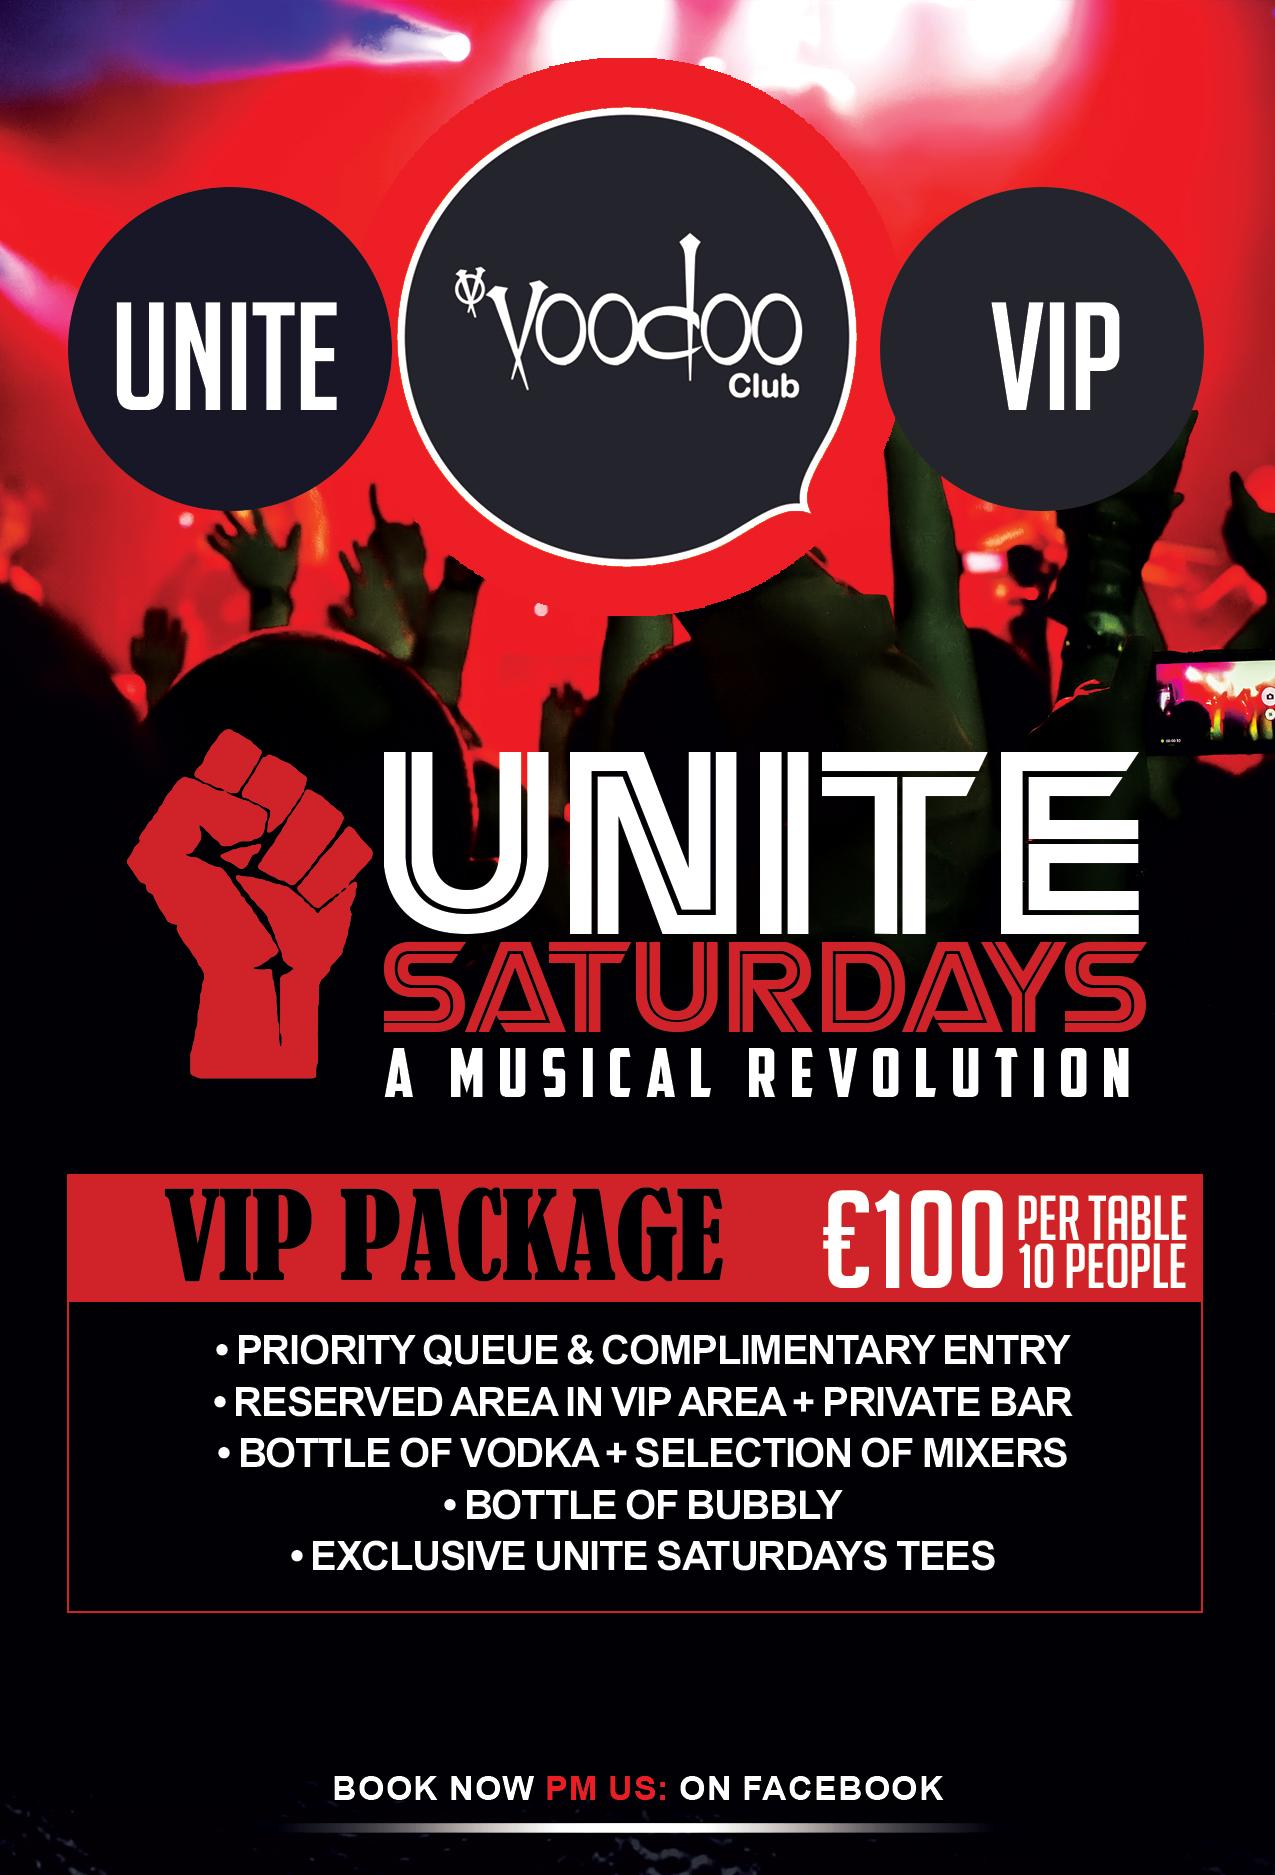 voodoo-club-unite-saturdays-vip-package-feb-2019 (1).jpg